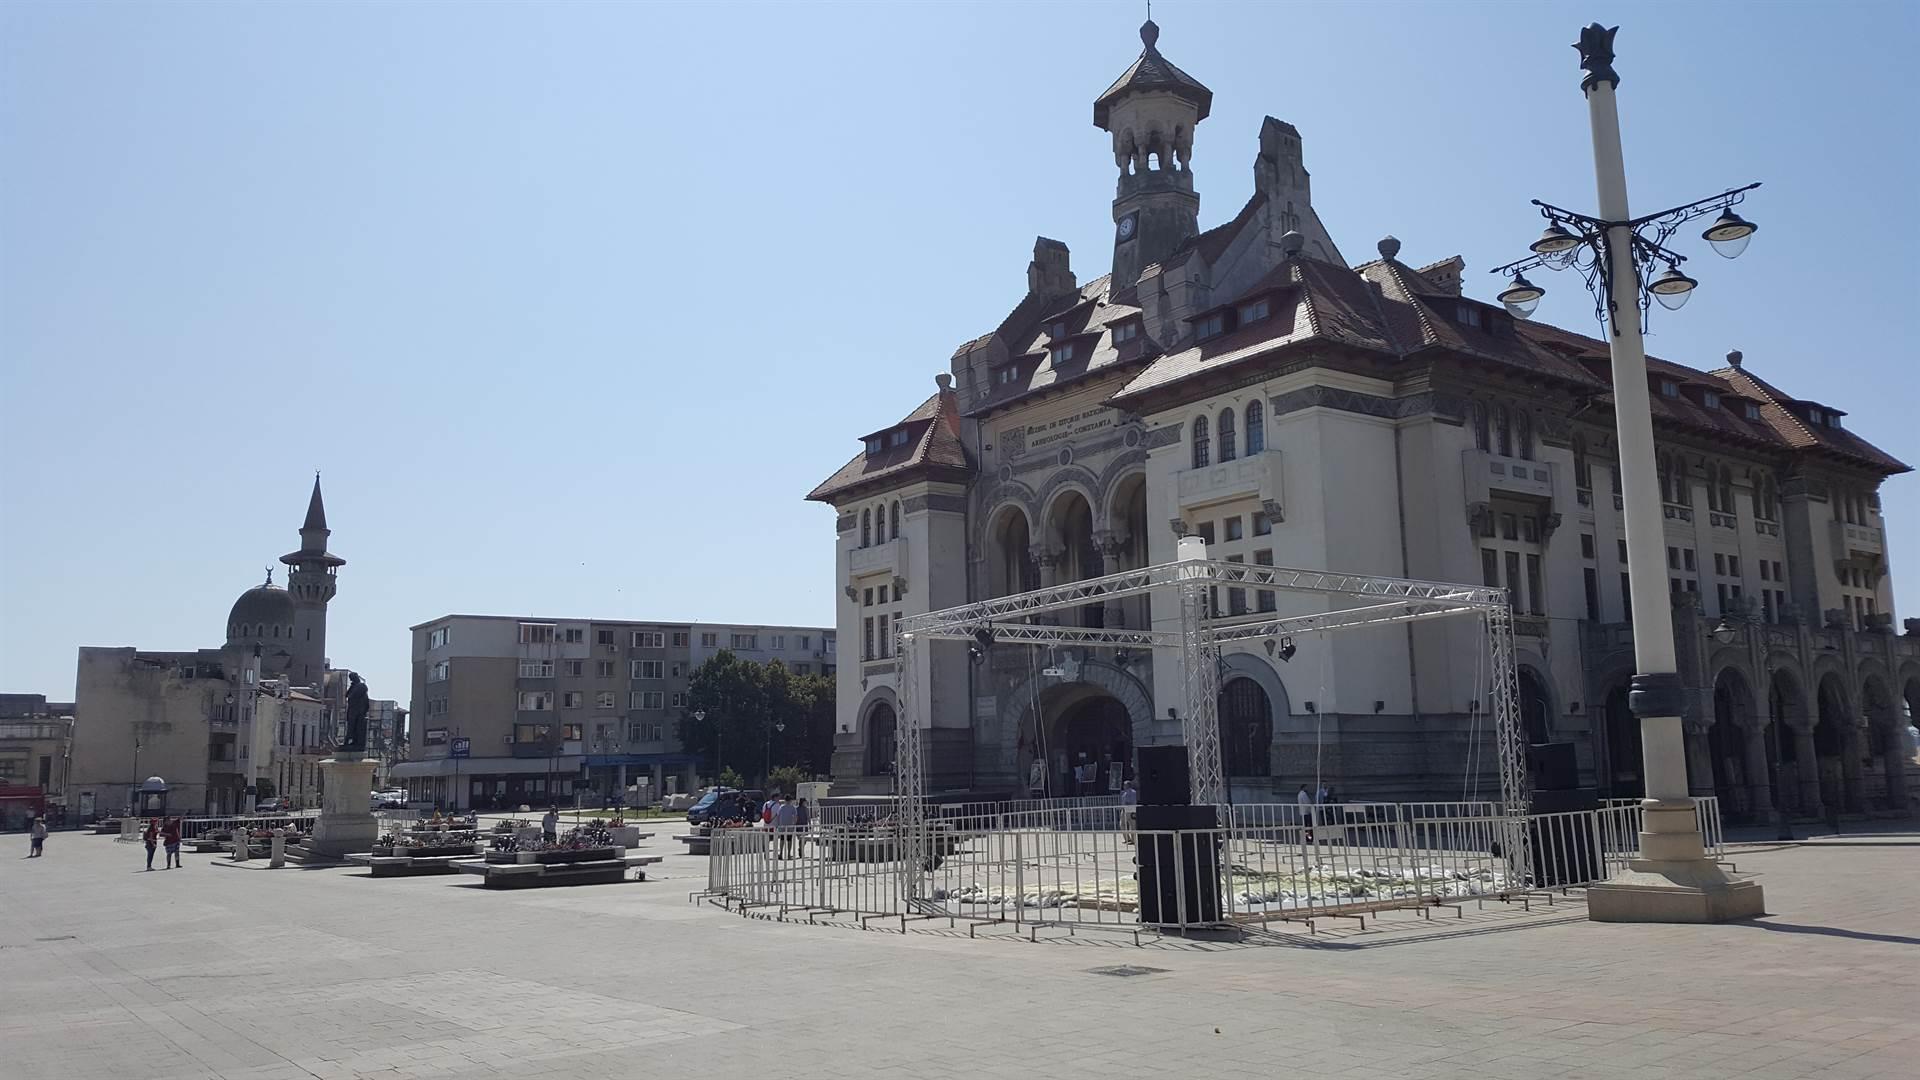 Sud u Rumuniji odgodio odluku o izručenju Zorana Stojčića